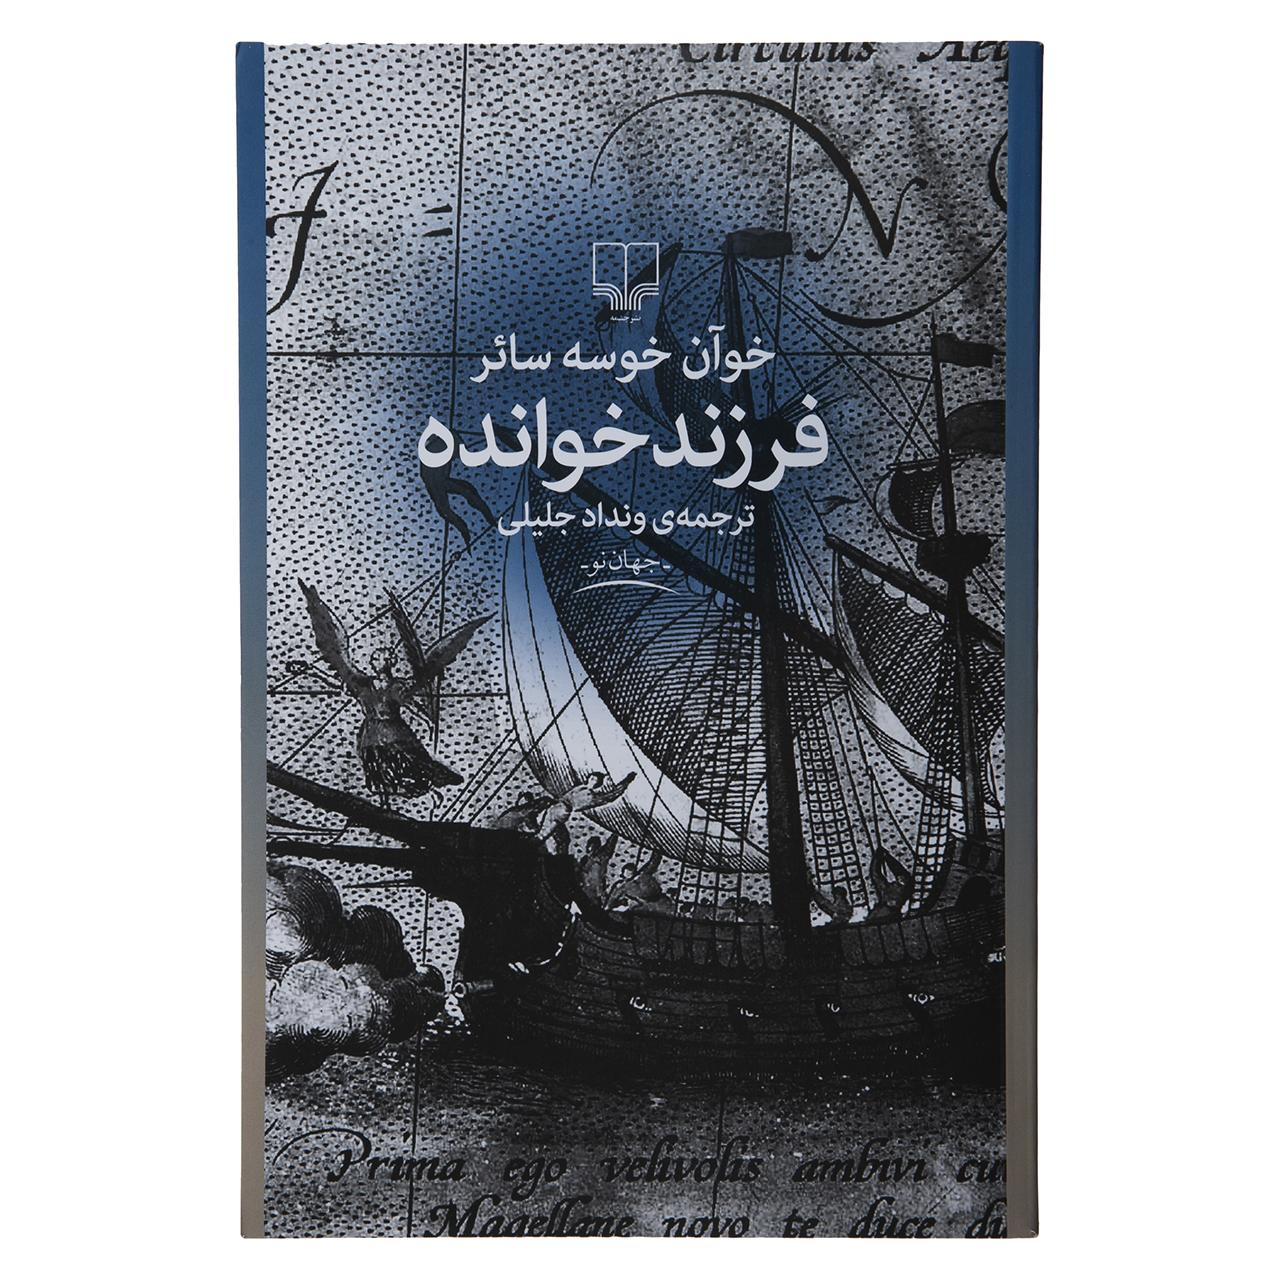 کتاب فرزند خوانده اثر خوآن خوسه سائر